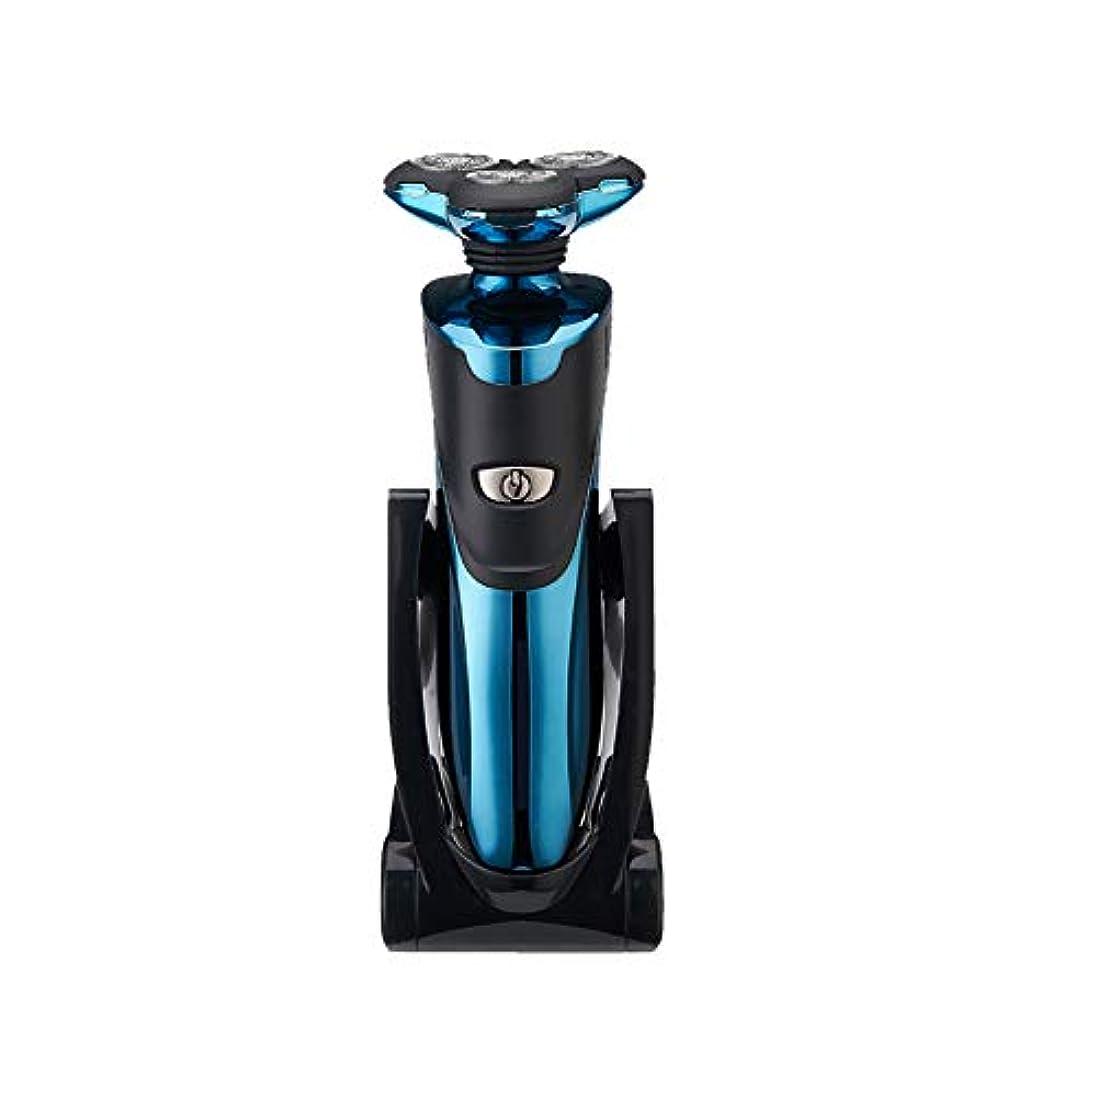 クリケットコック信号4で1電気シェーバー男性かみそり4 d濡れた乾式ロータリーシェービングIpx 7防水2019年更新バージョンアダプター付きトリマーグルーミングキット,Blue